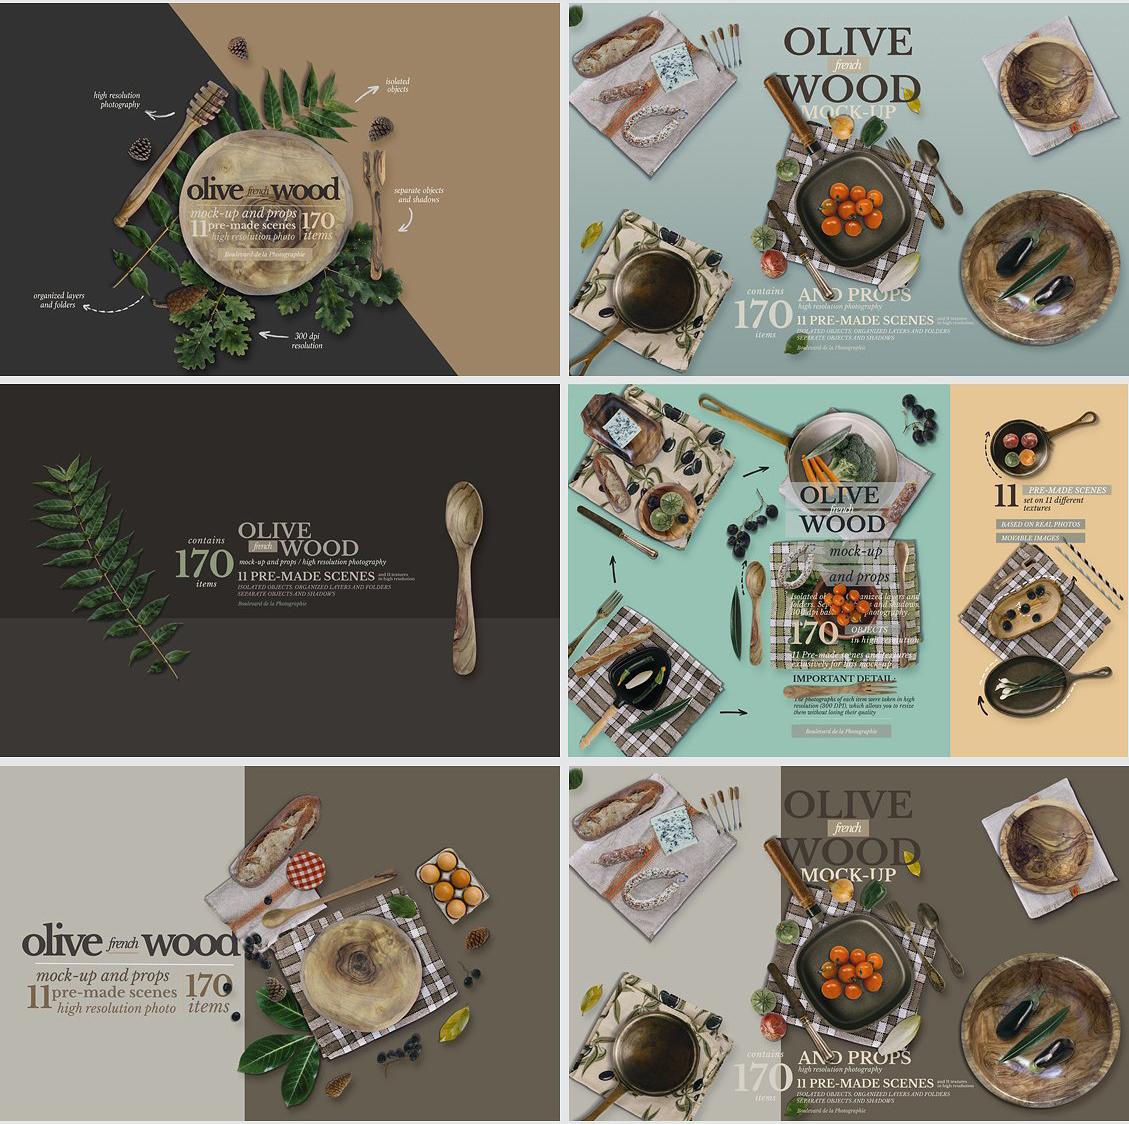 5.98G 餐饮品牌设计提案橄榄木木质餐具展示样机 Olive Wood Mock-Up Scene Generator插图(14)